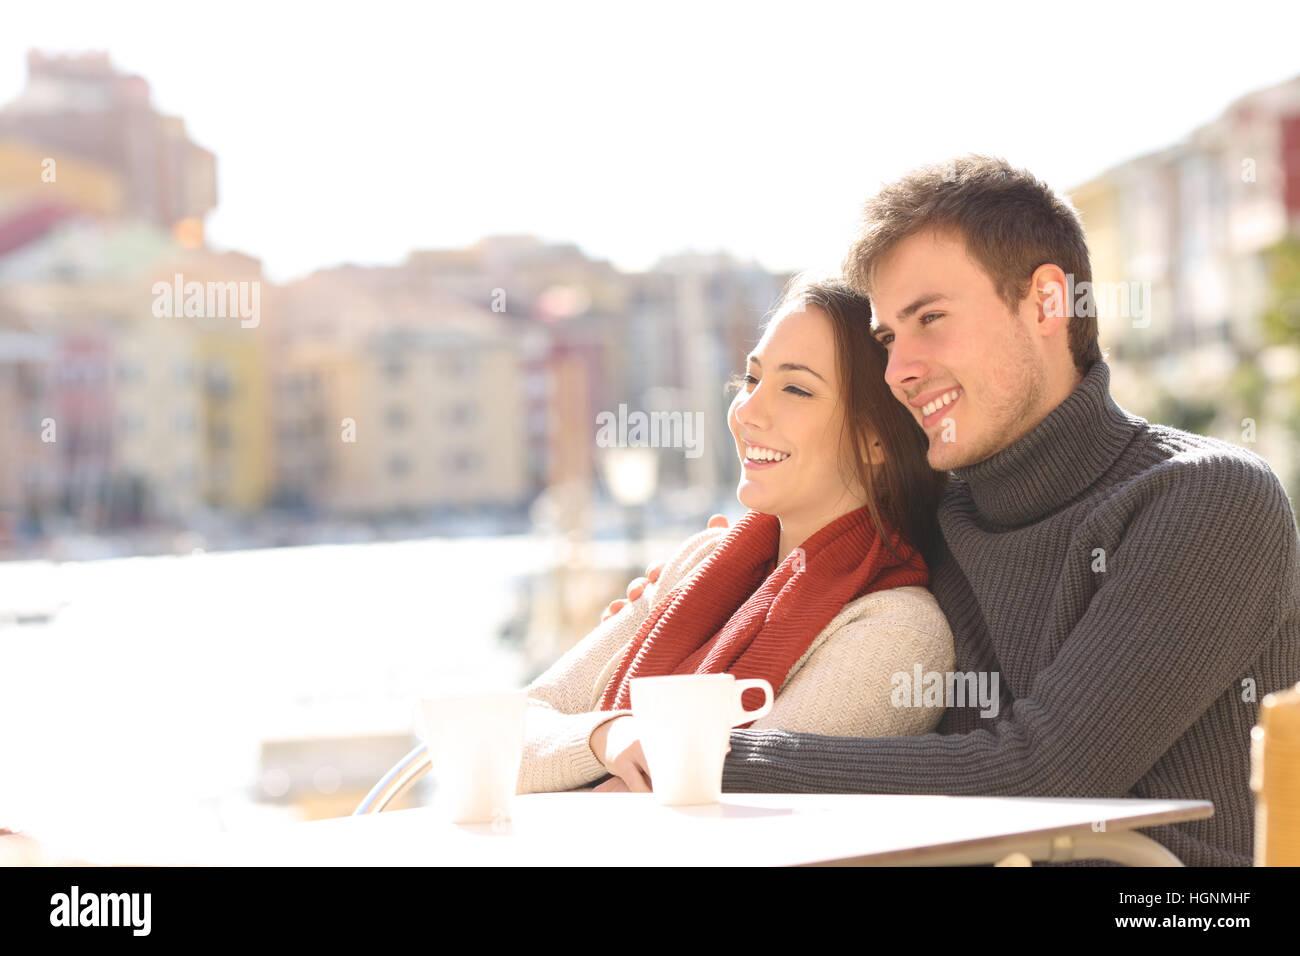 Paar, entspannend, sitzen in einer Hotelterrasse an Feiertagen mit einem Hafen im Hintergrund an einem sonnigen Stockbild